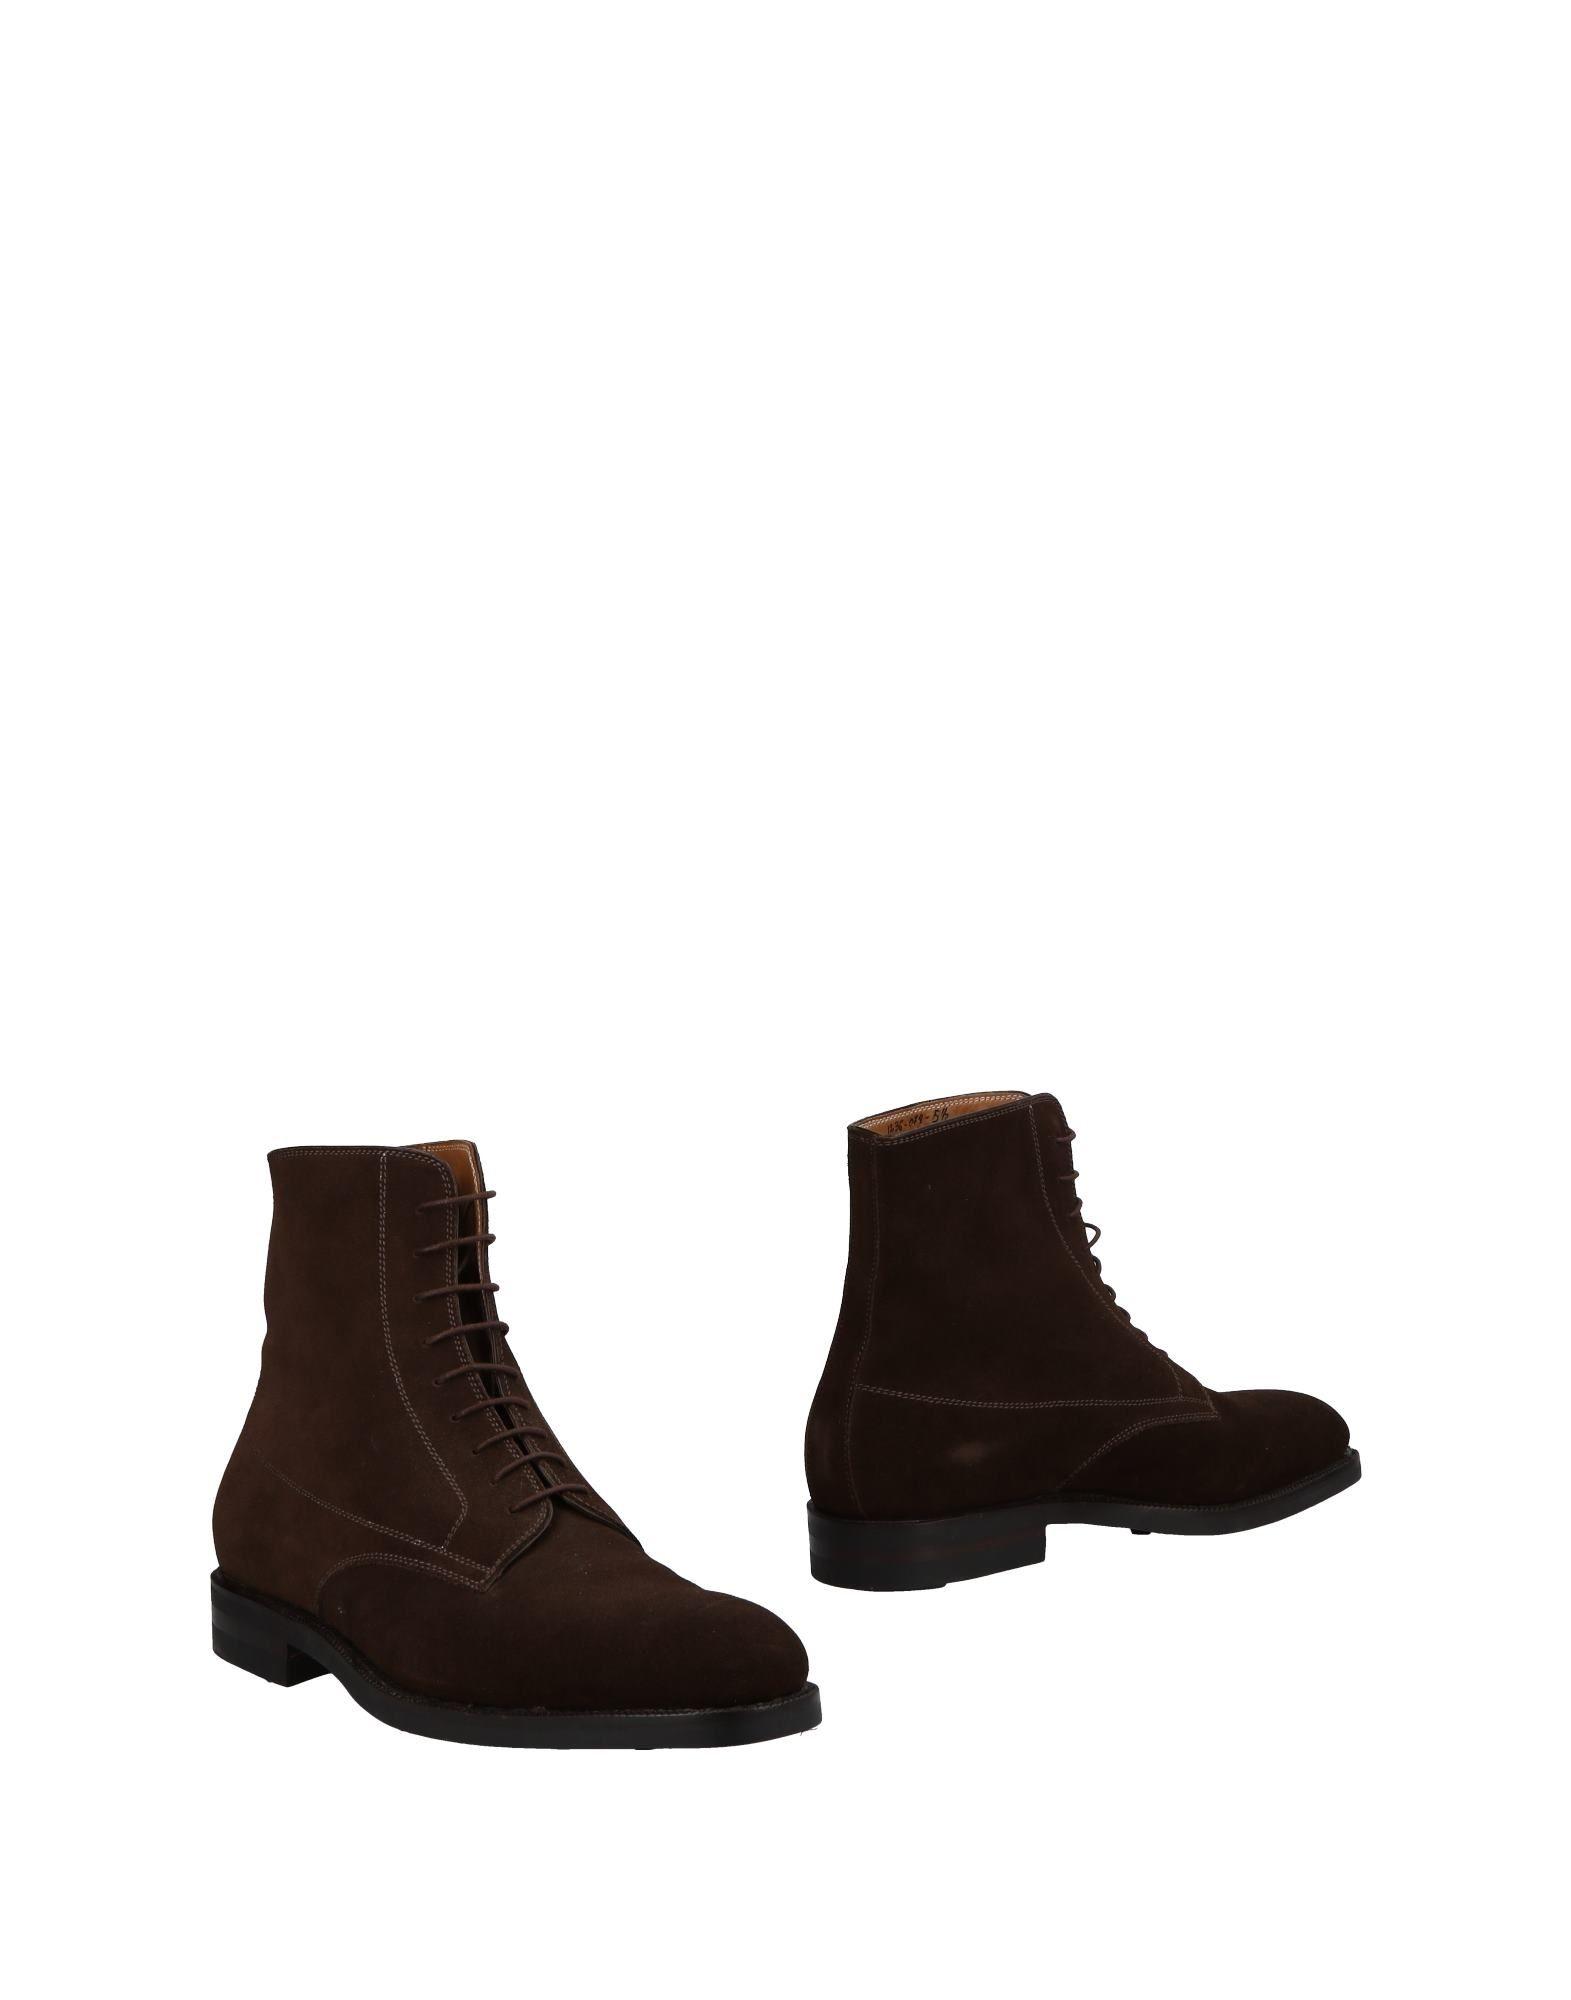 Arfango Stiefelette Herren  11482206UF Gute Qualität beliebte Schuhe